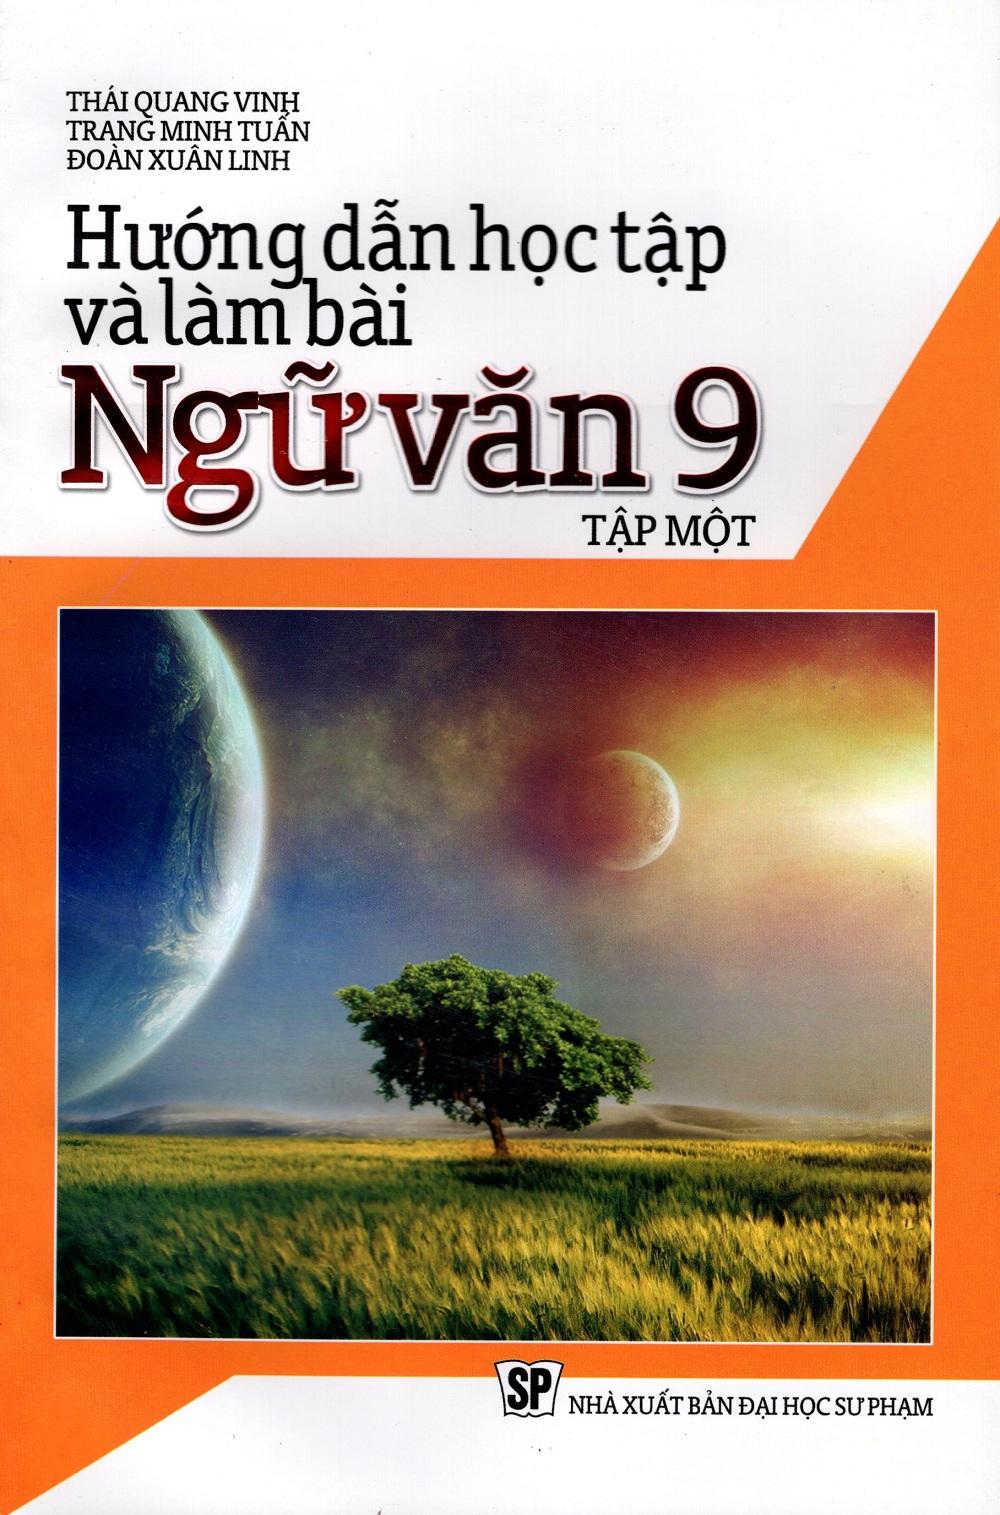 Hướng Dẫn Học Tập Và Làm Bài Ngữ Văn Lớp 9 (Tập Một) - 18227238 , 9325481274735 , 62_23436265 , 43000 , Huong-Dan-Hoc-Tap-Va-Lam-Bai-Ngu-Van-Lop-9-Tap-Mot-62_23436265 , tiki.vn , Hướng Dẫn Học Tập Và Làm Bài Ngữ Văn Lớp 9 (Tập Một)